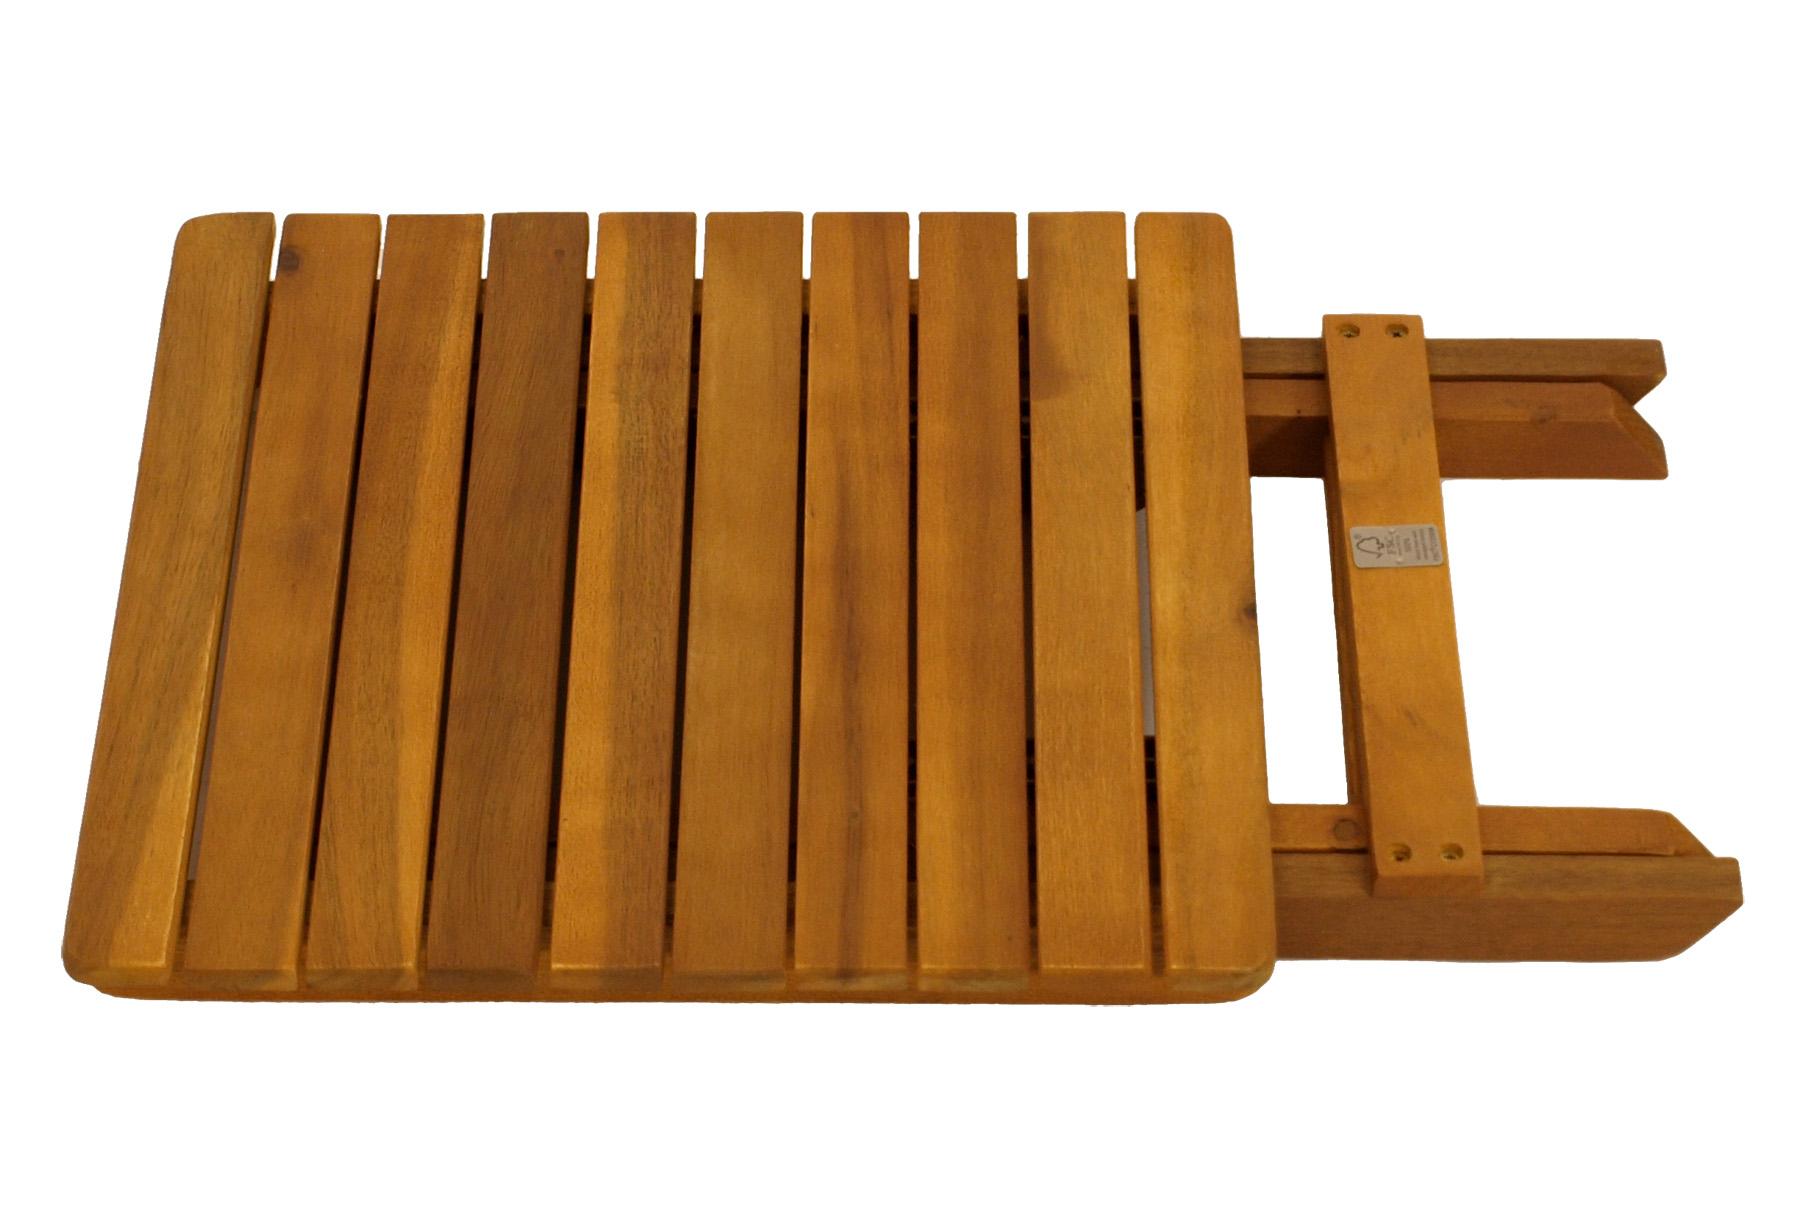 Klapp - Beistelltisch MARA 38x38cm, Akazie geölt, FSC®-zertifiziert